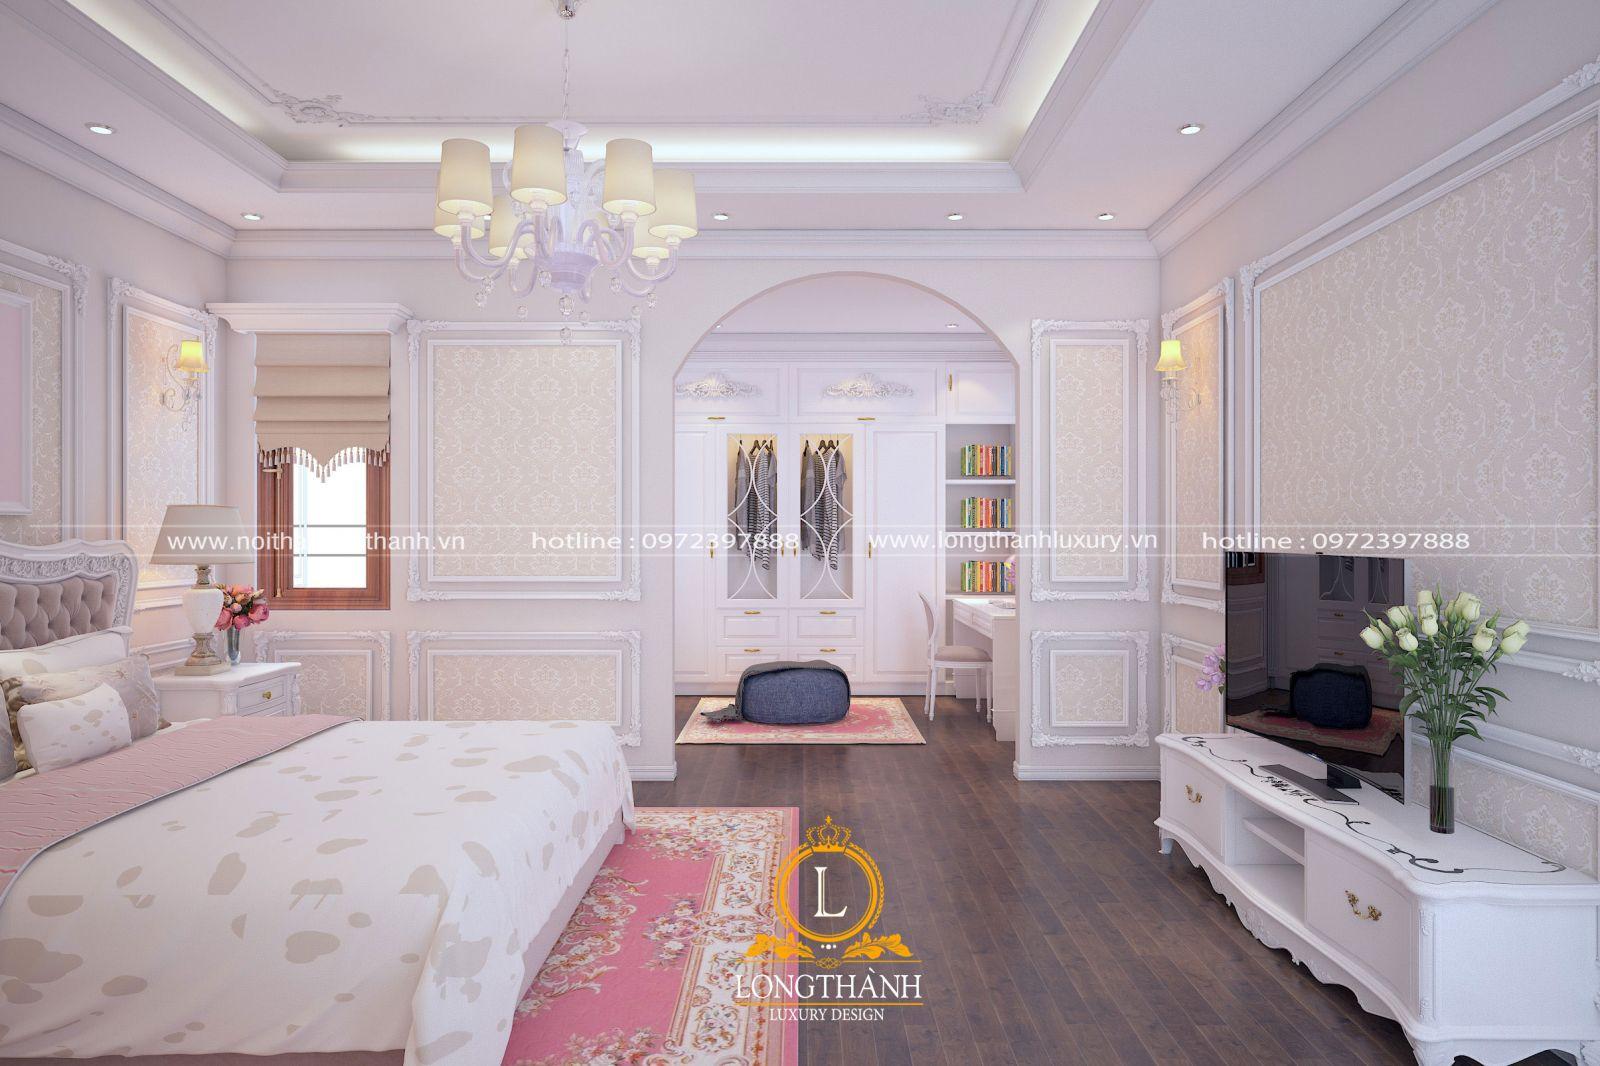 Thảm trải sàn màu hồng phấn trong phòng ngủ màu trắng